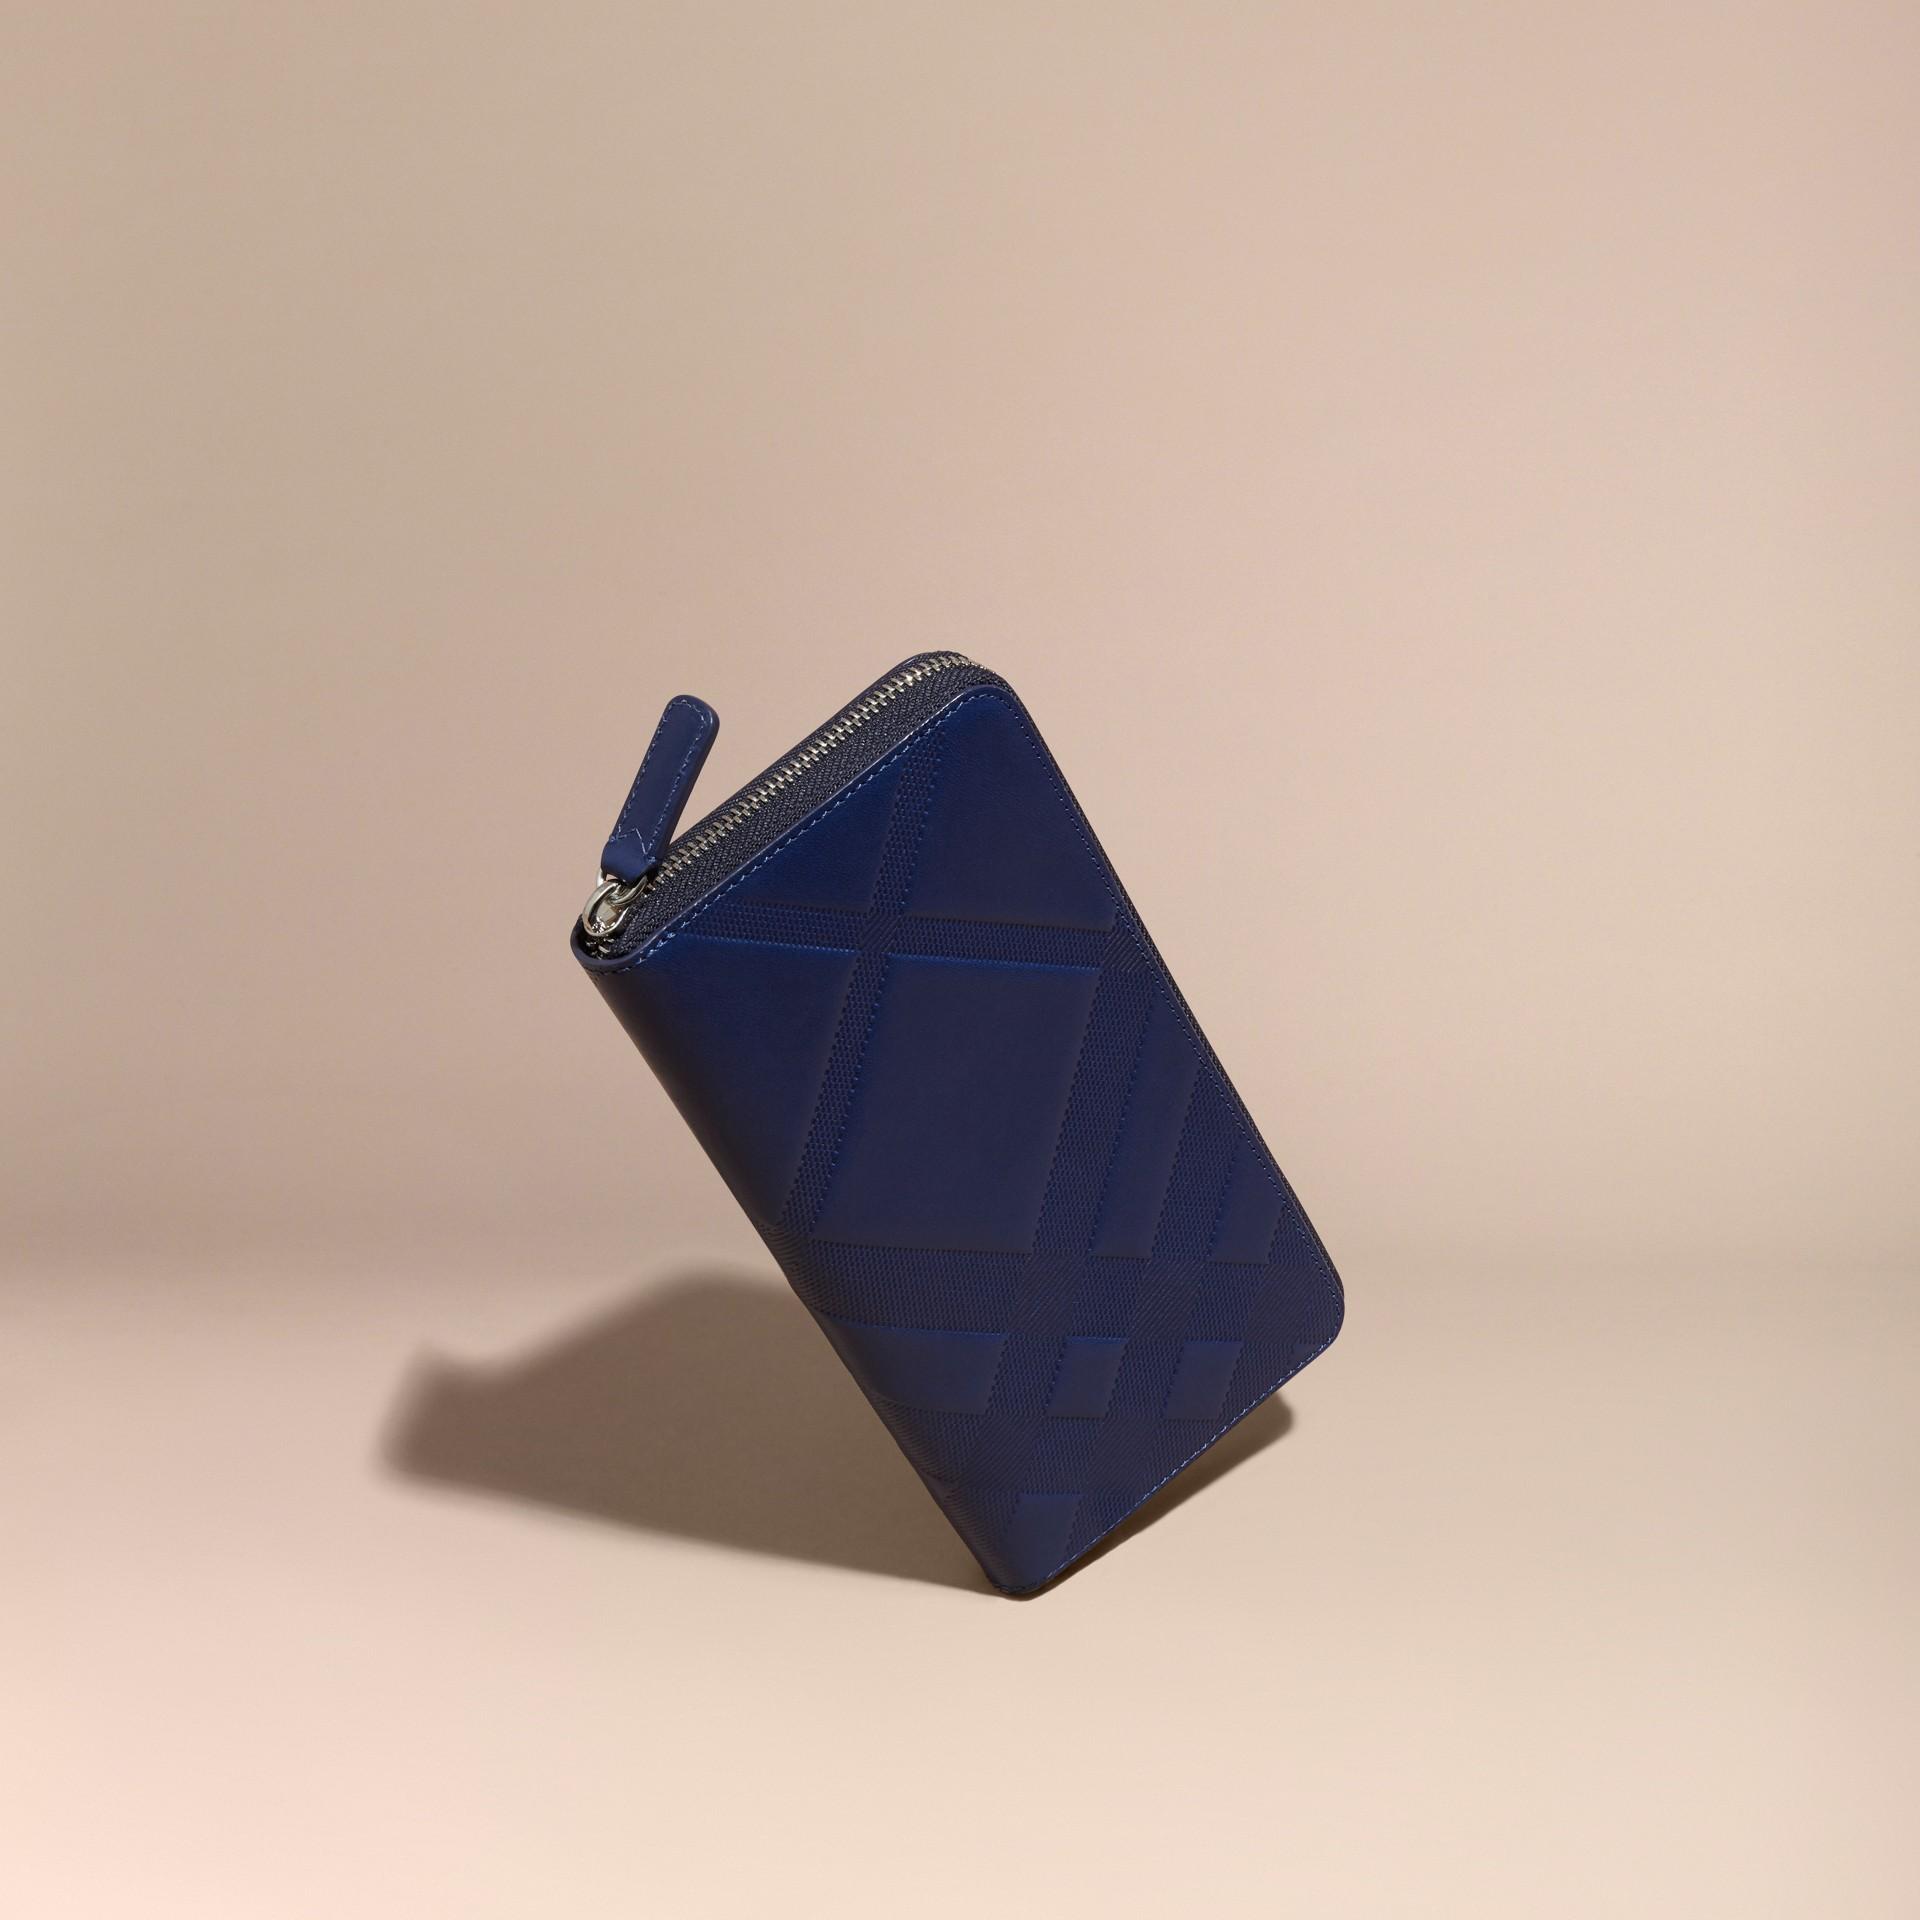 Blu lapislazzulo Portafoglio in pelle con motivo check in rilievo e cerniera su tre lati Blu Lapislazzulo - immagine della galleria 1